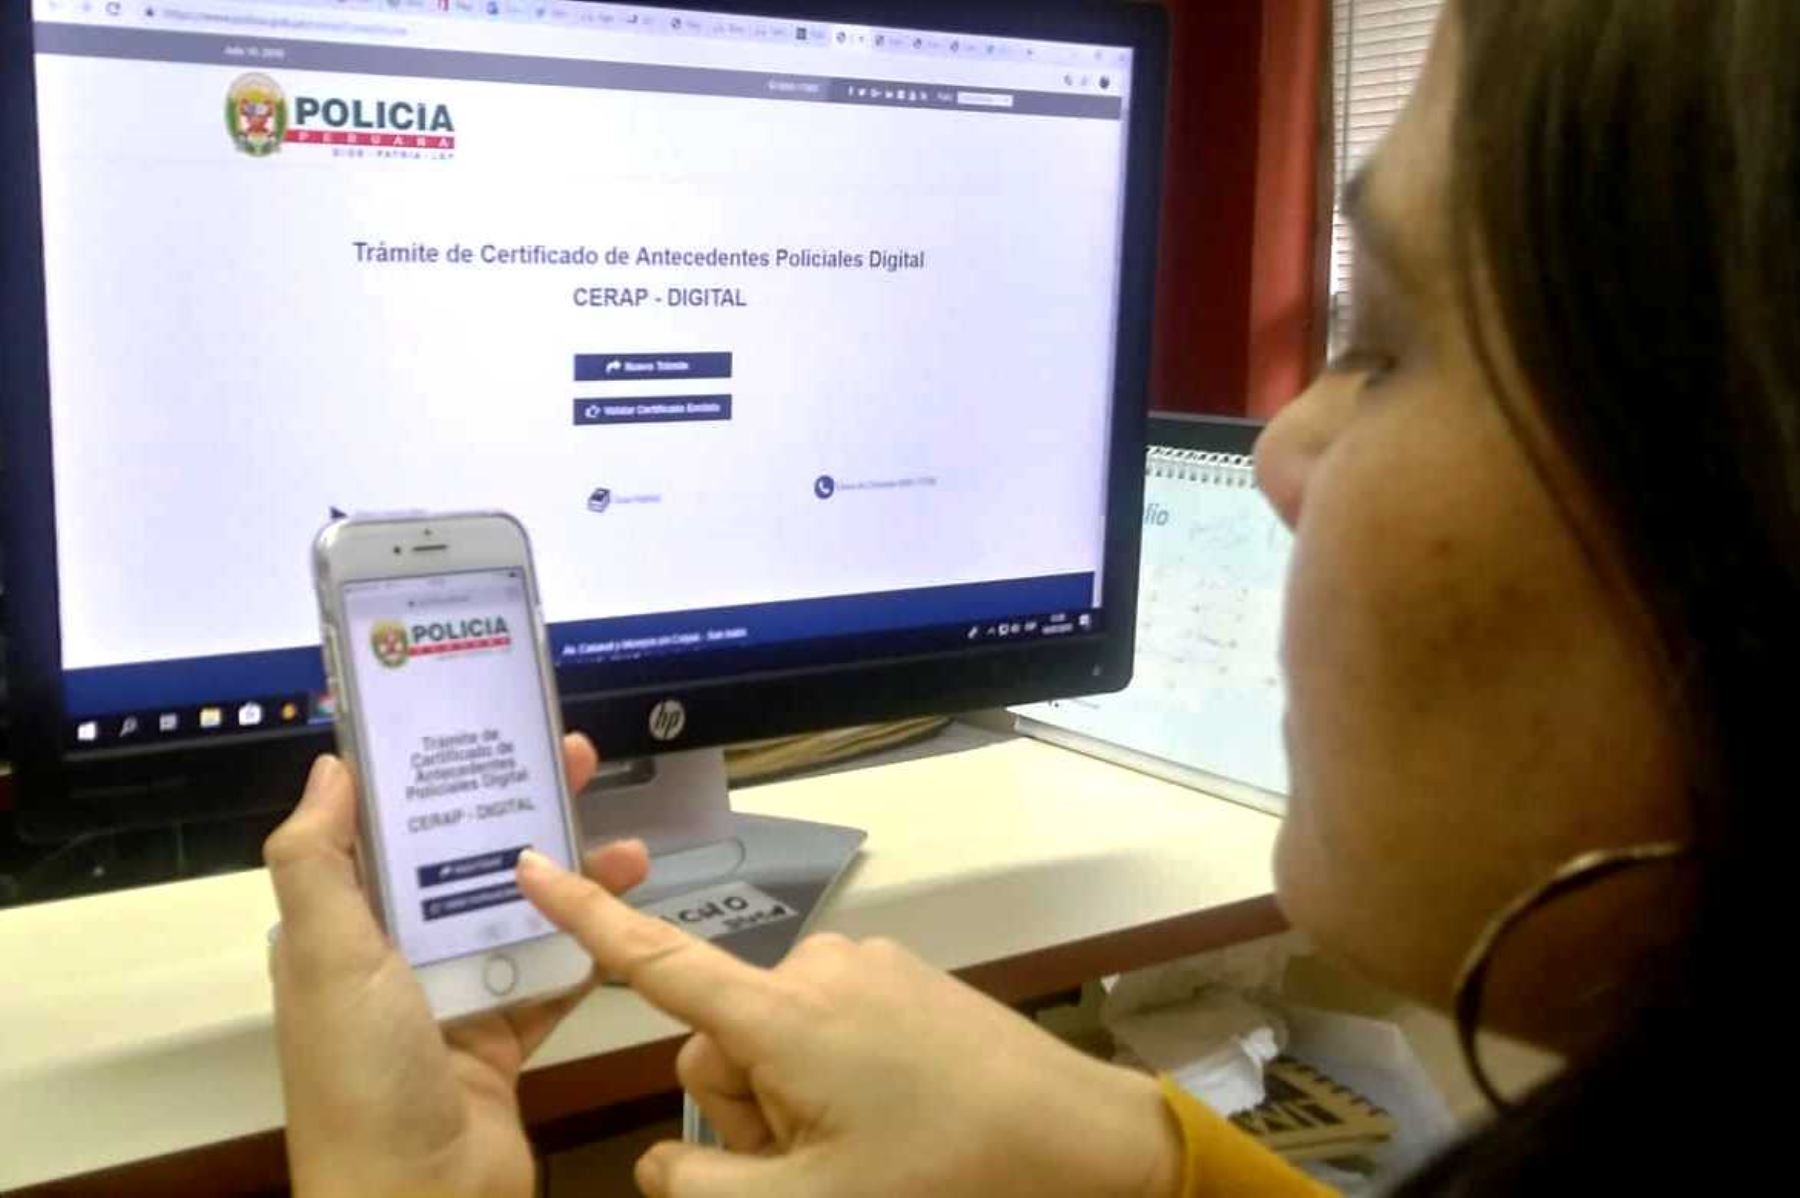 ¡Atención! Ahora puedes obtener tu Certificado de Antecedentes Policiales Digital desde tu celular. Foto: ANDINA.